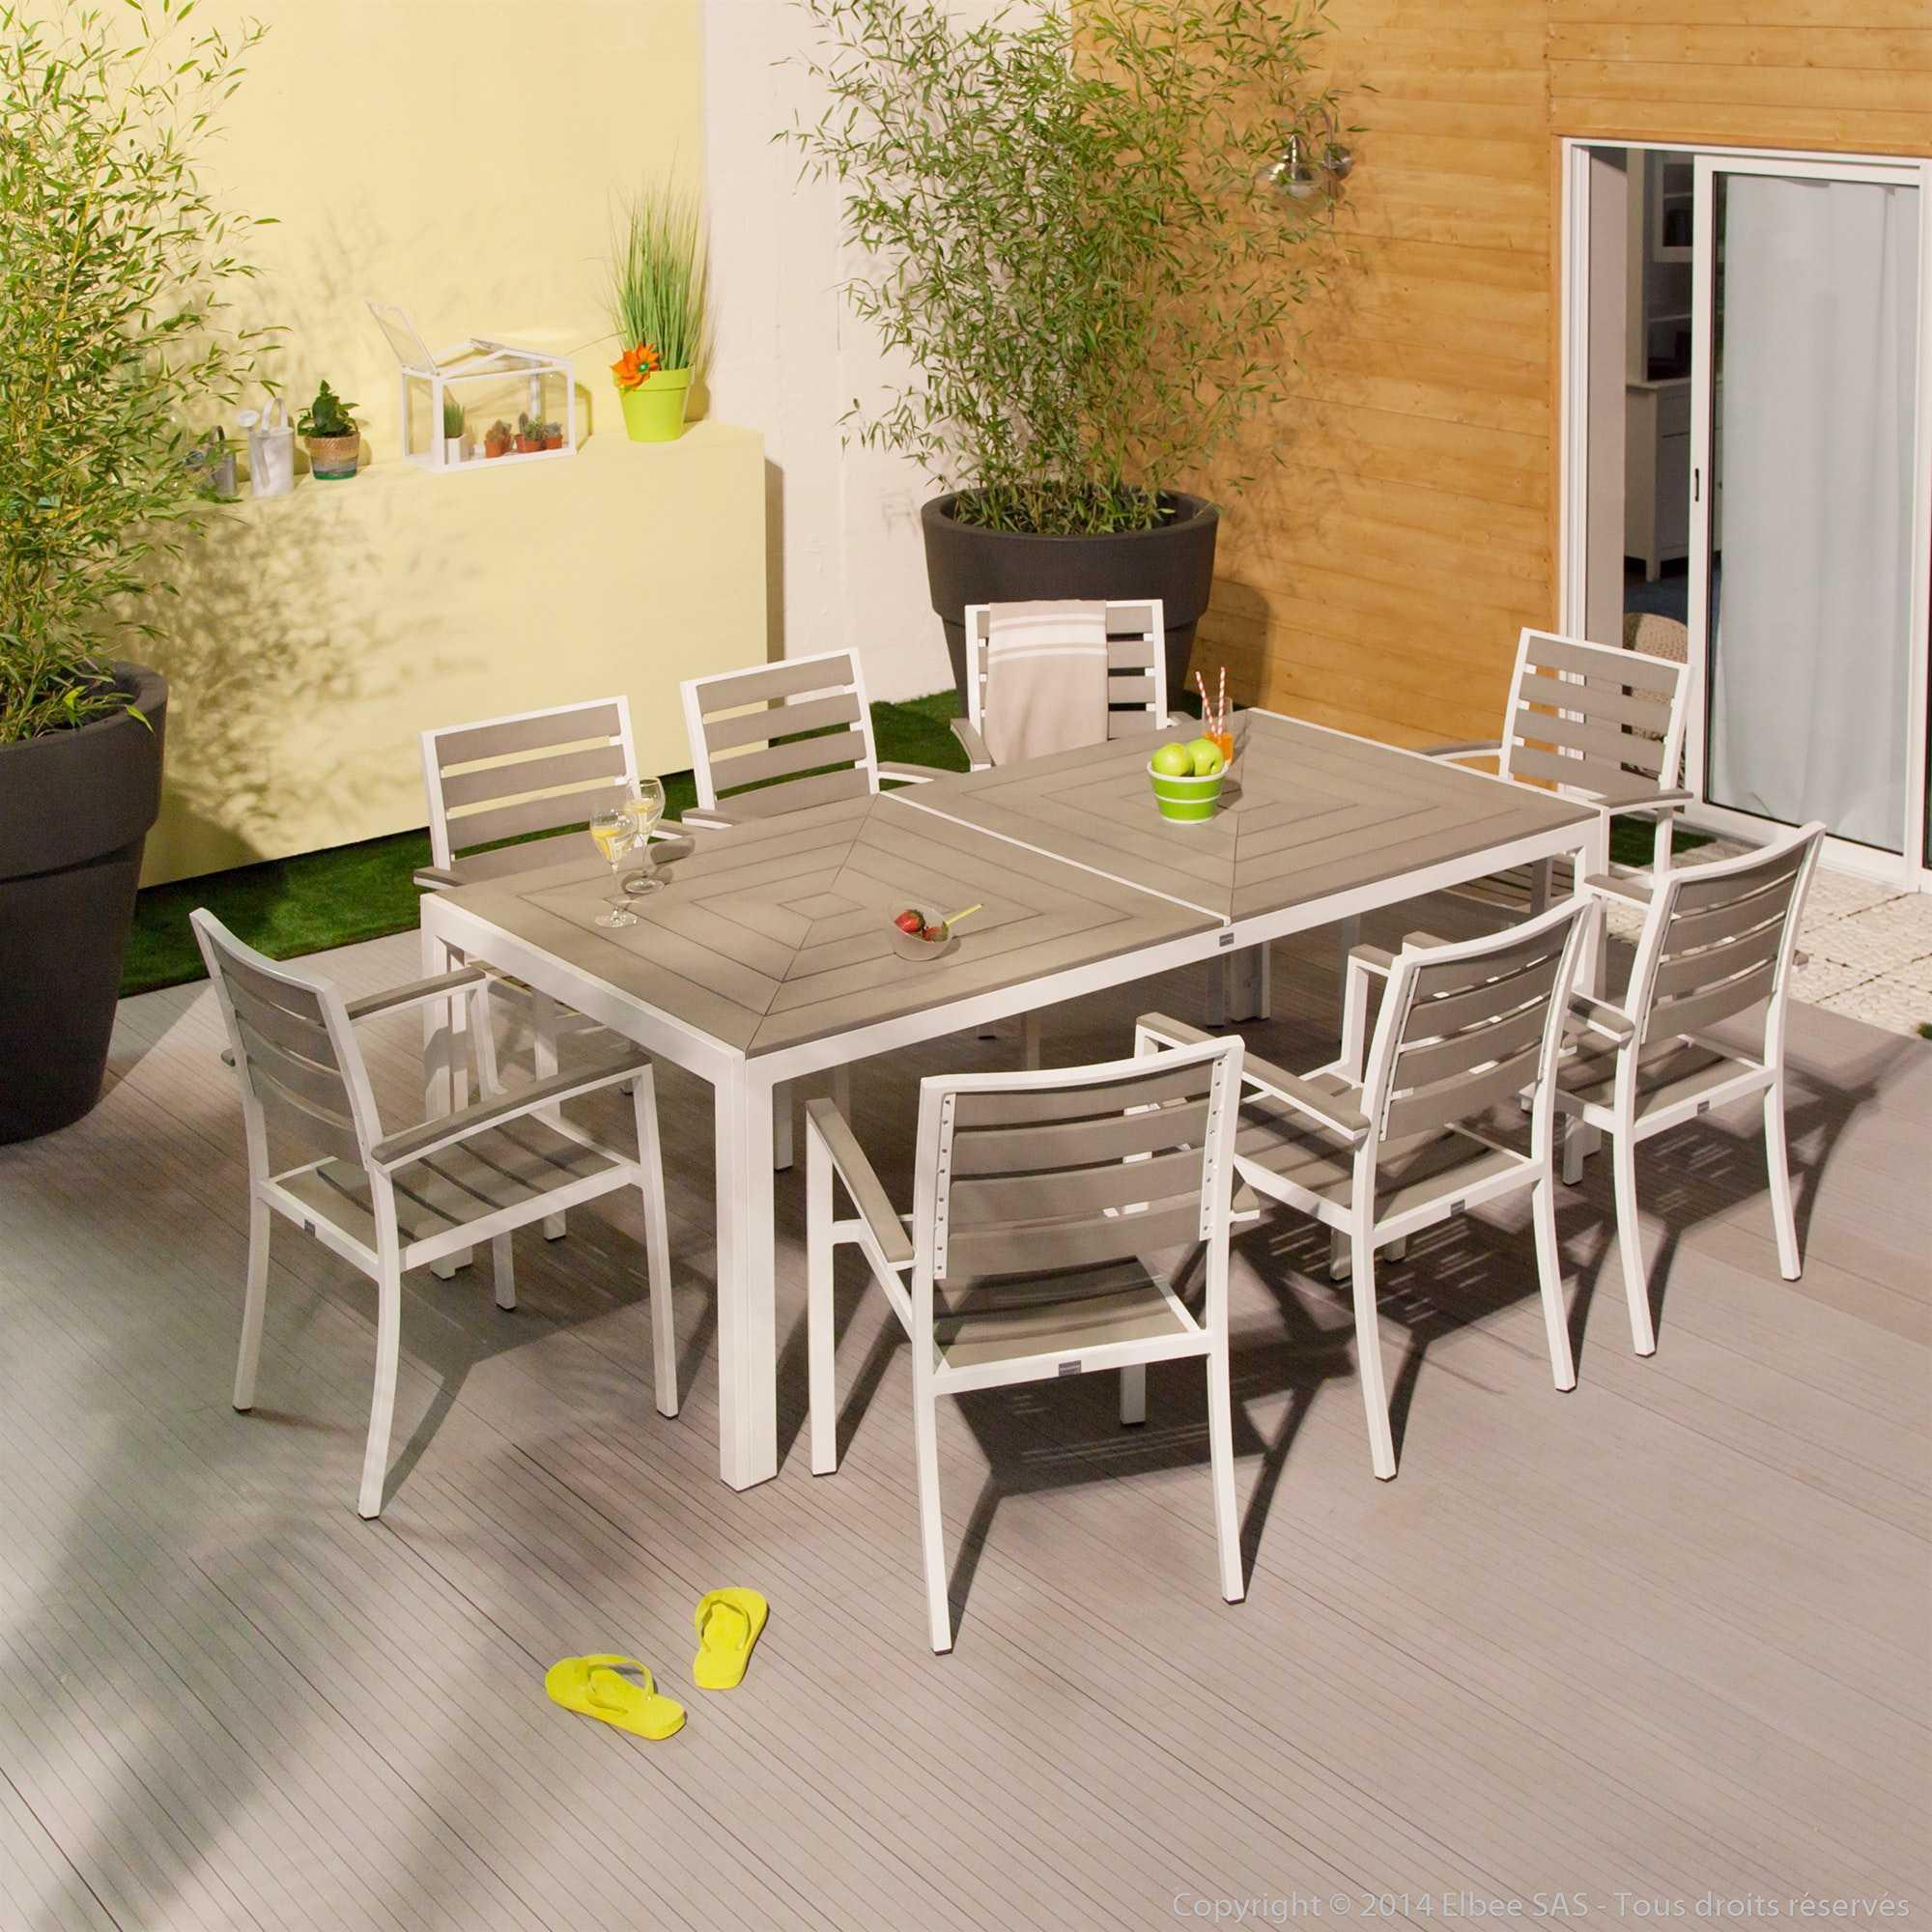 Mobilier de jardin eden garden - Mailleraye.fr jardin